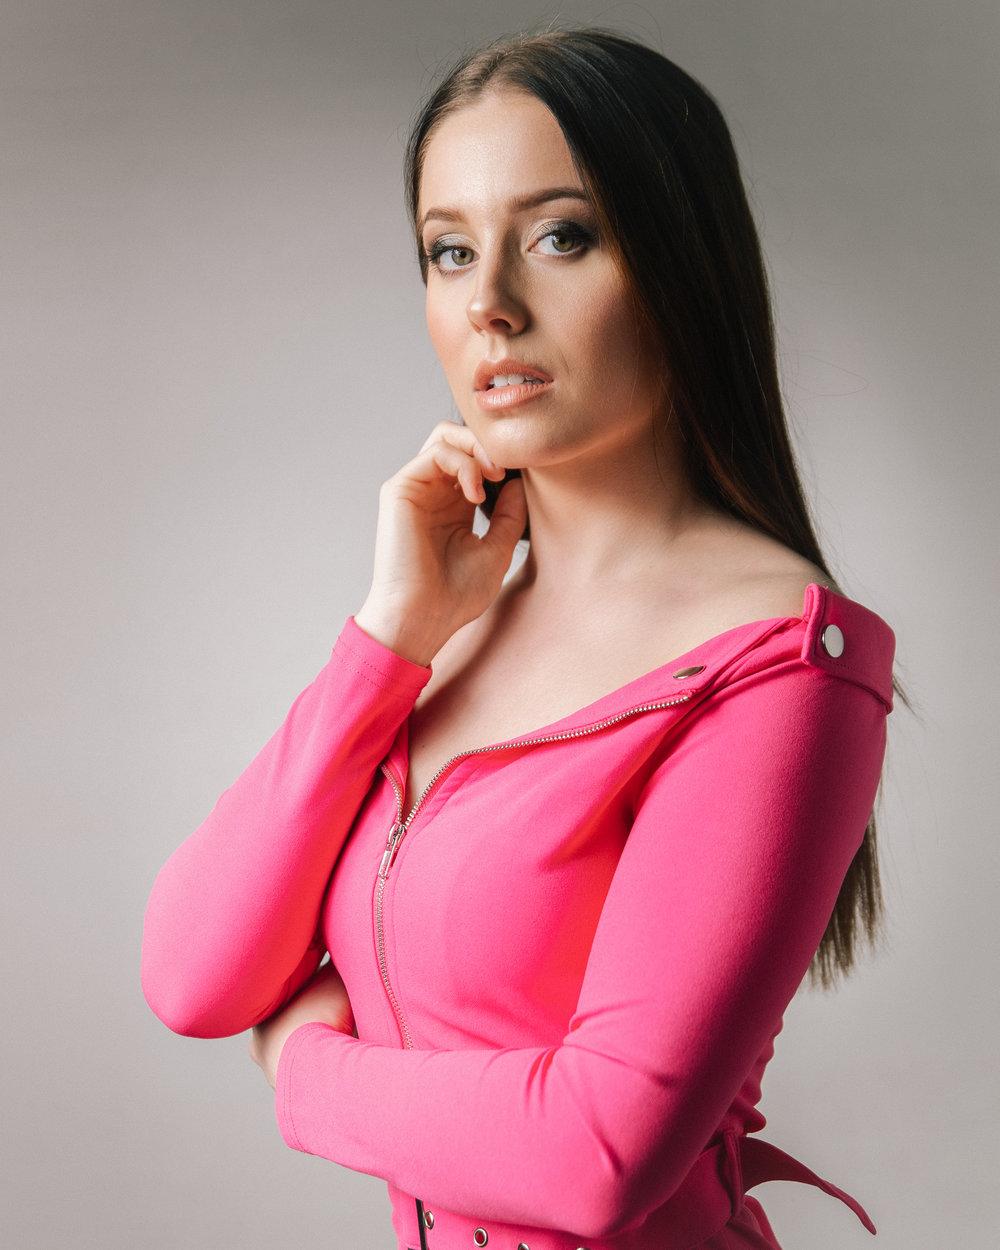 3. Alicia Bärlund